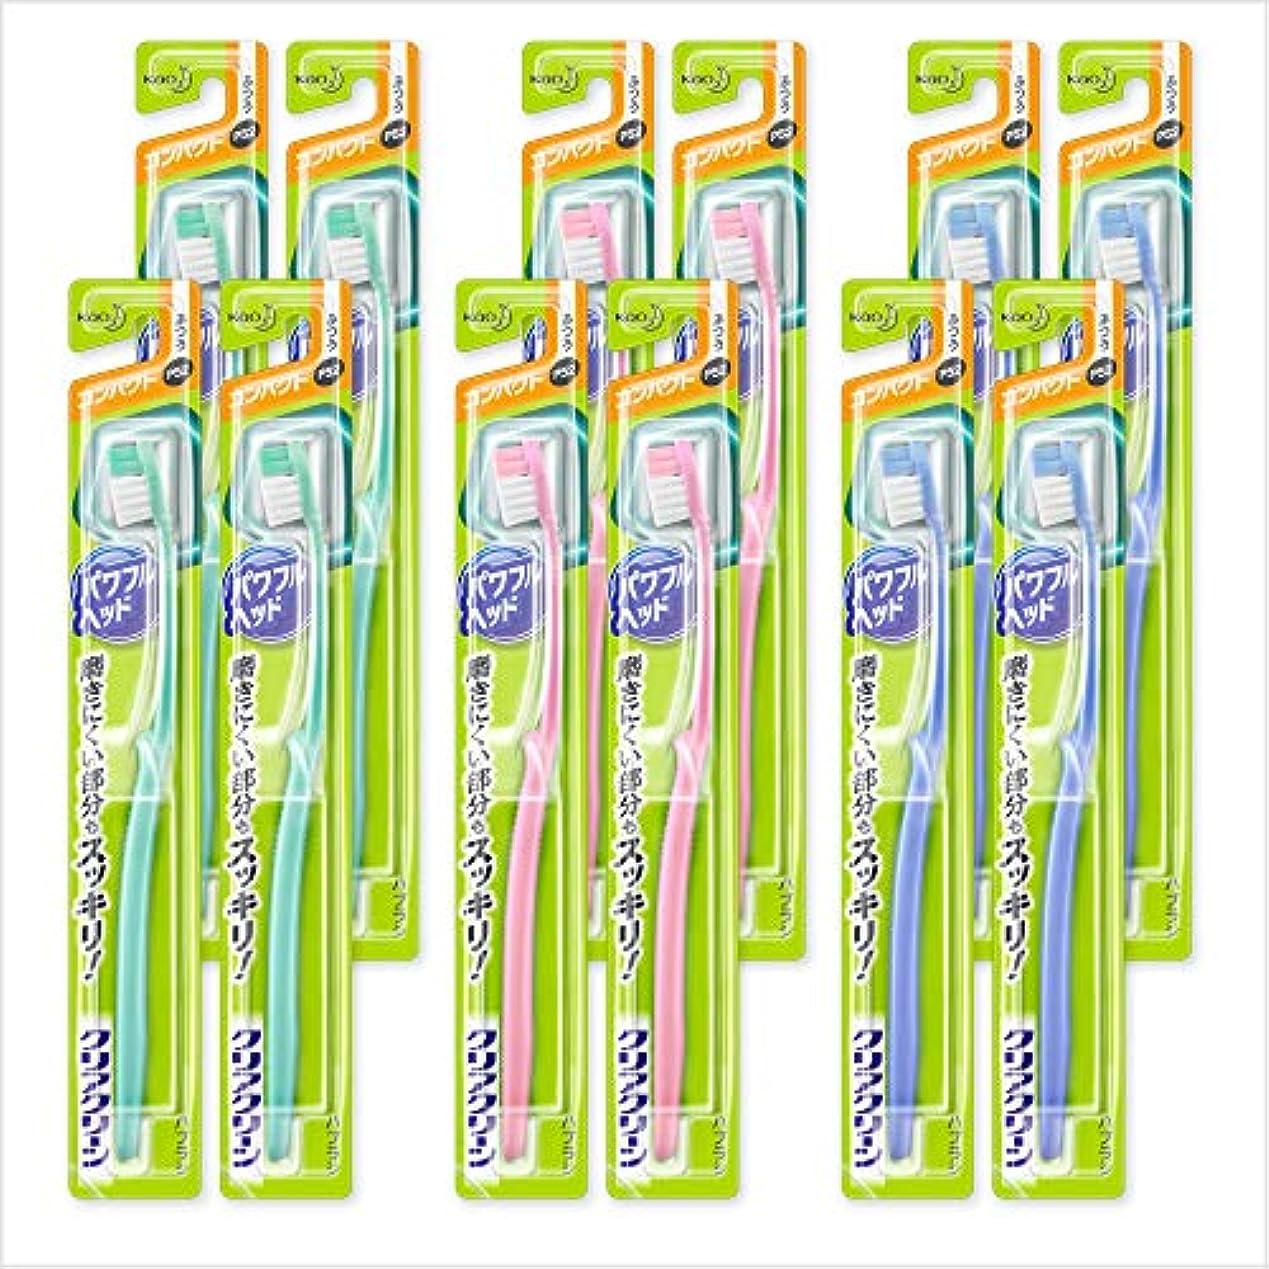 調和のとれた快適お誕生日【まとめ買い】クリアクリーン パワフルヘッド コンパクト ふつう 12本セット